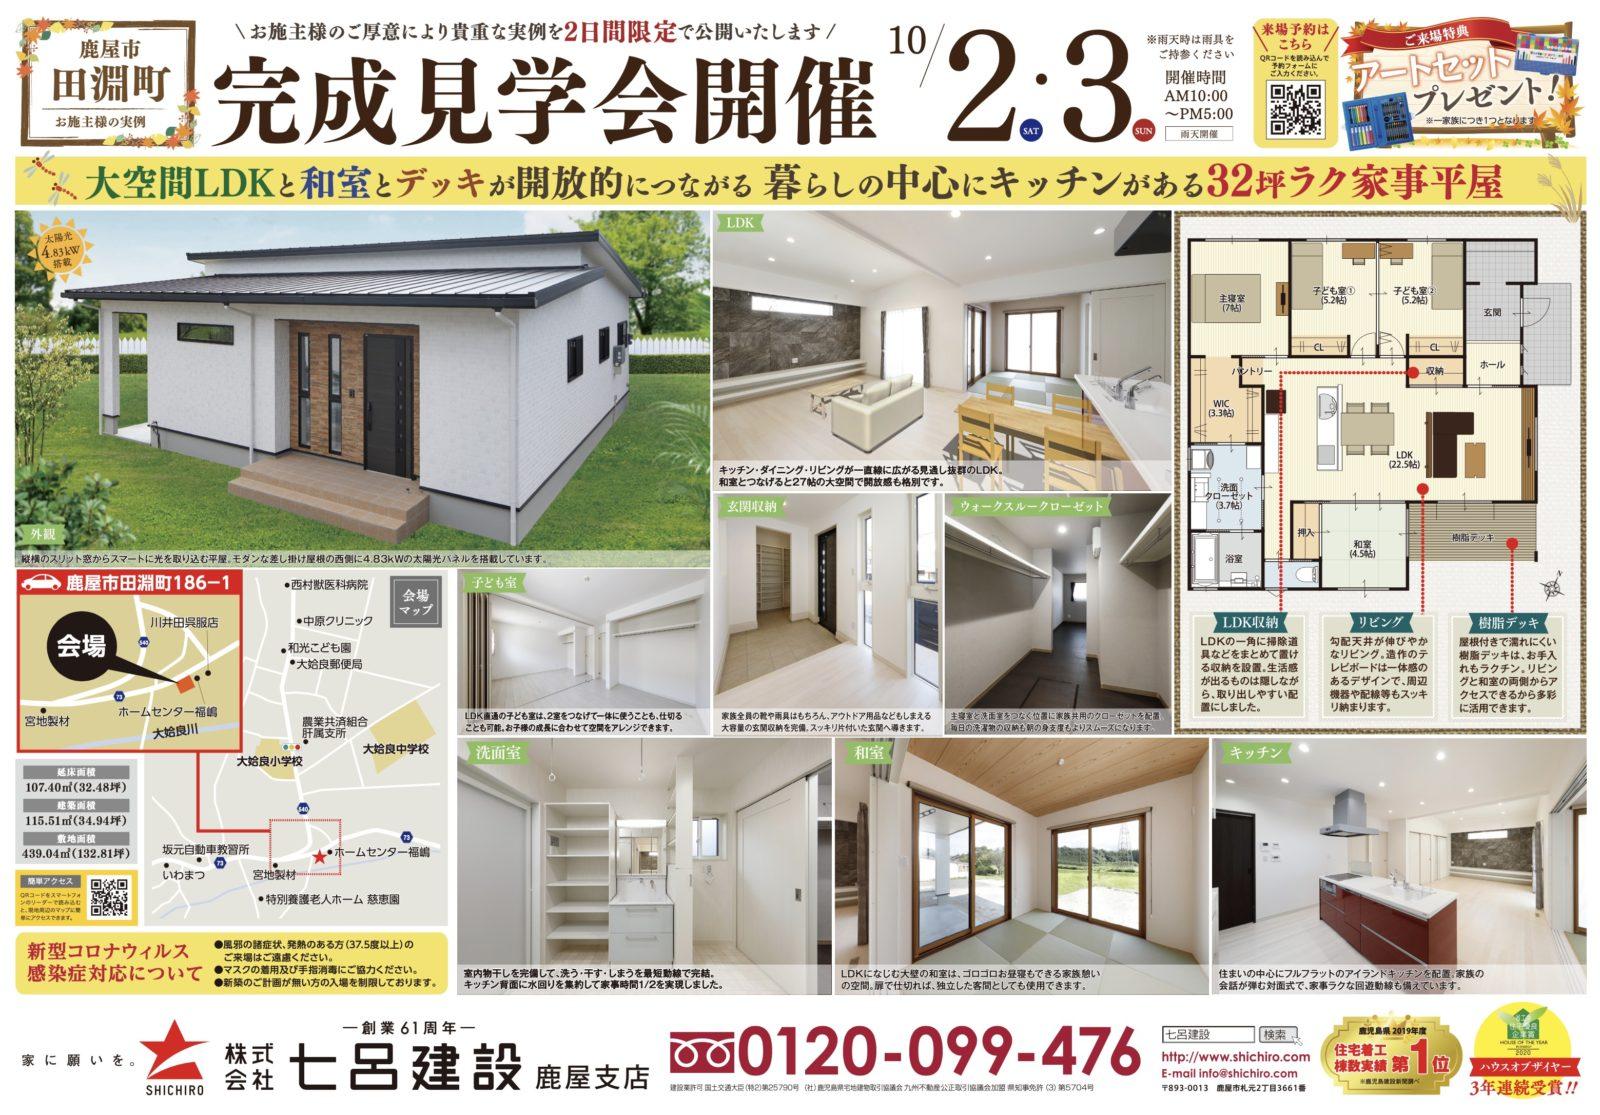 鹿屋市田淵町で完成見学会 暮らしの中心にキッチンがある32坪ラク家事平屋   七呂建設